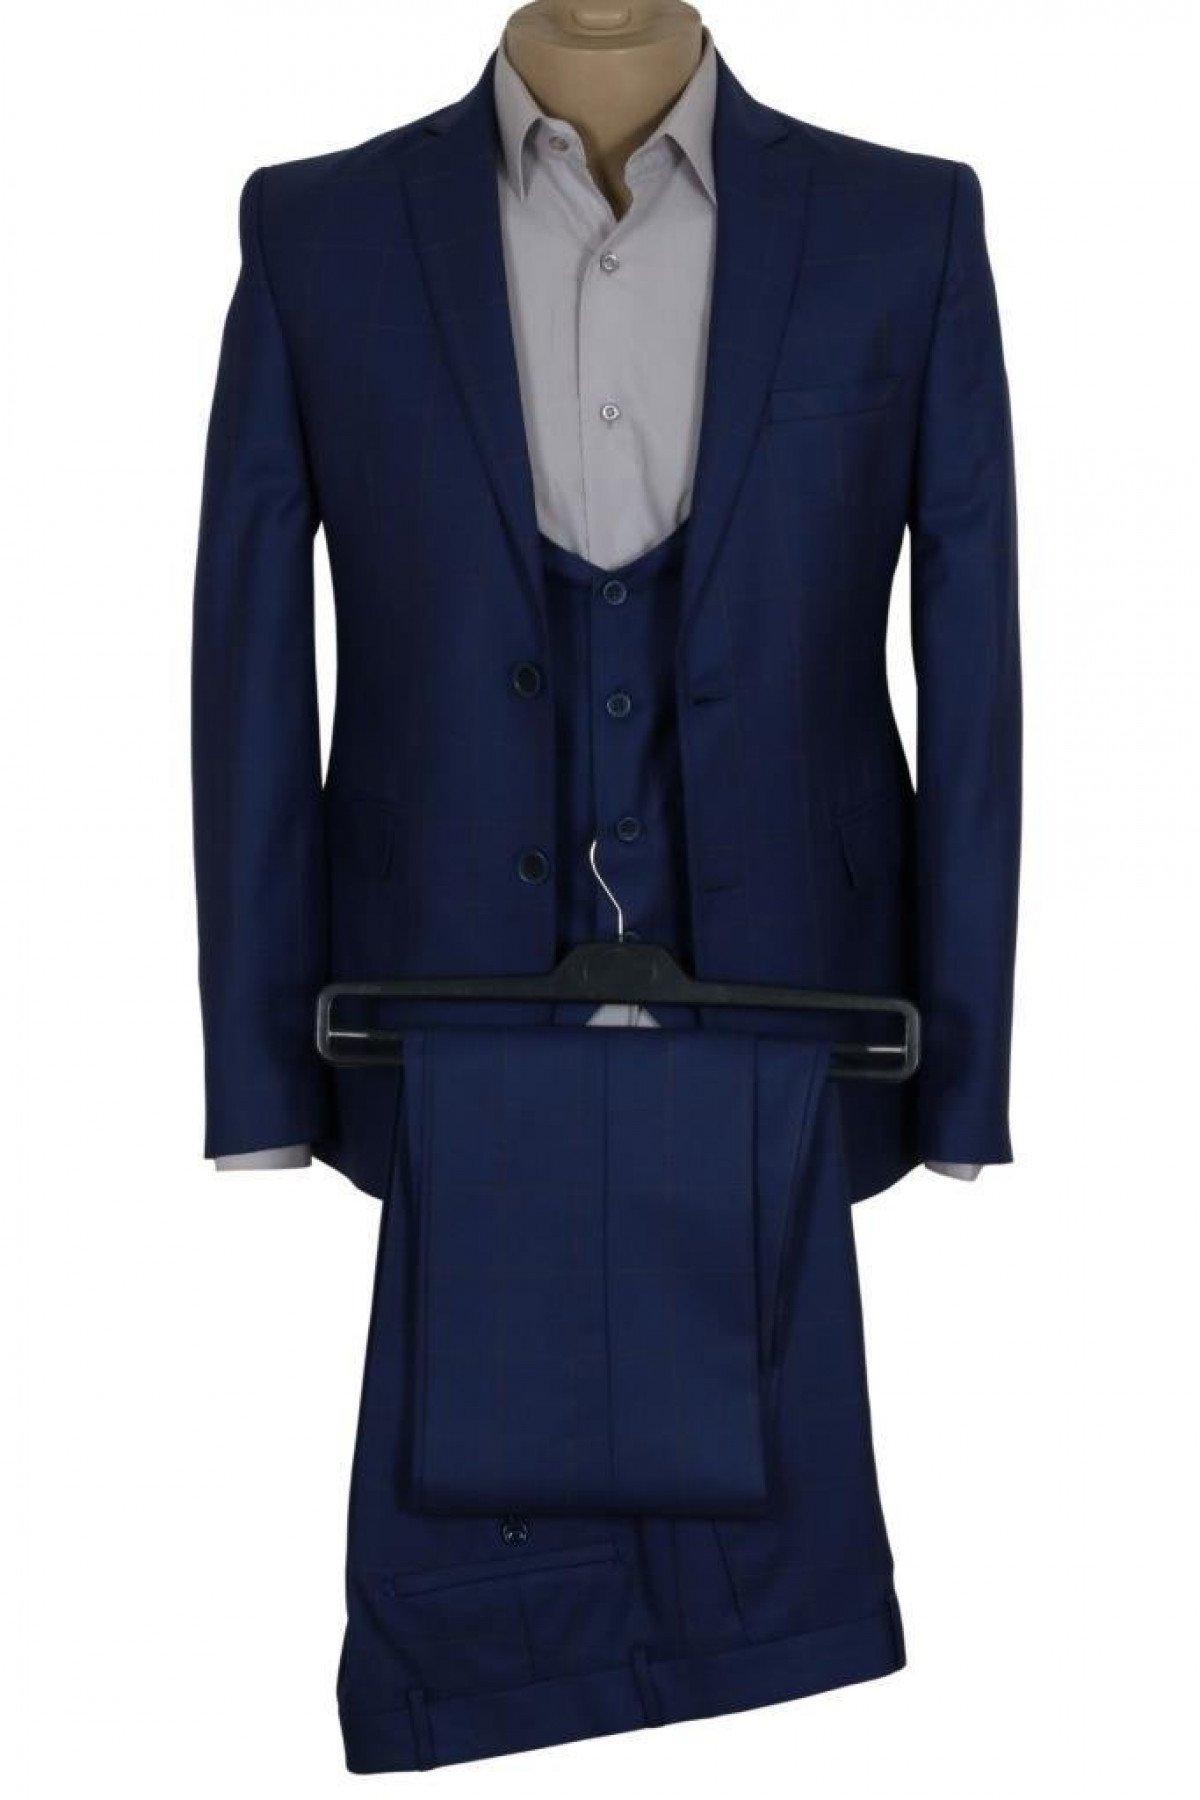 Erkek Takım Elbise Yelekli Dar Kesim RAR00687